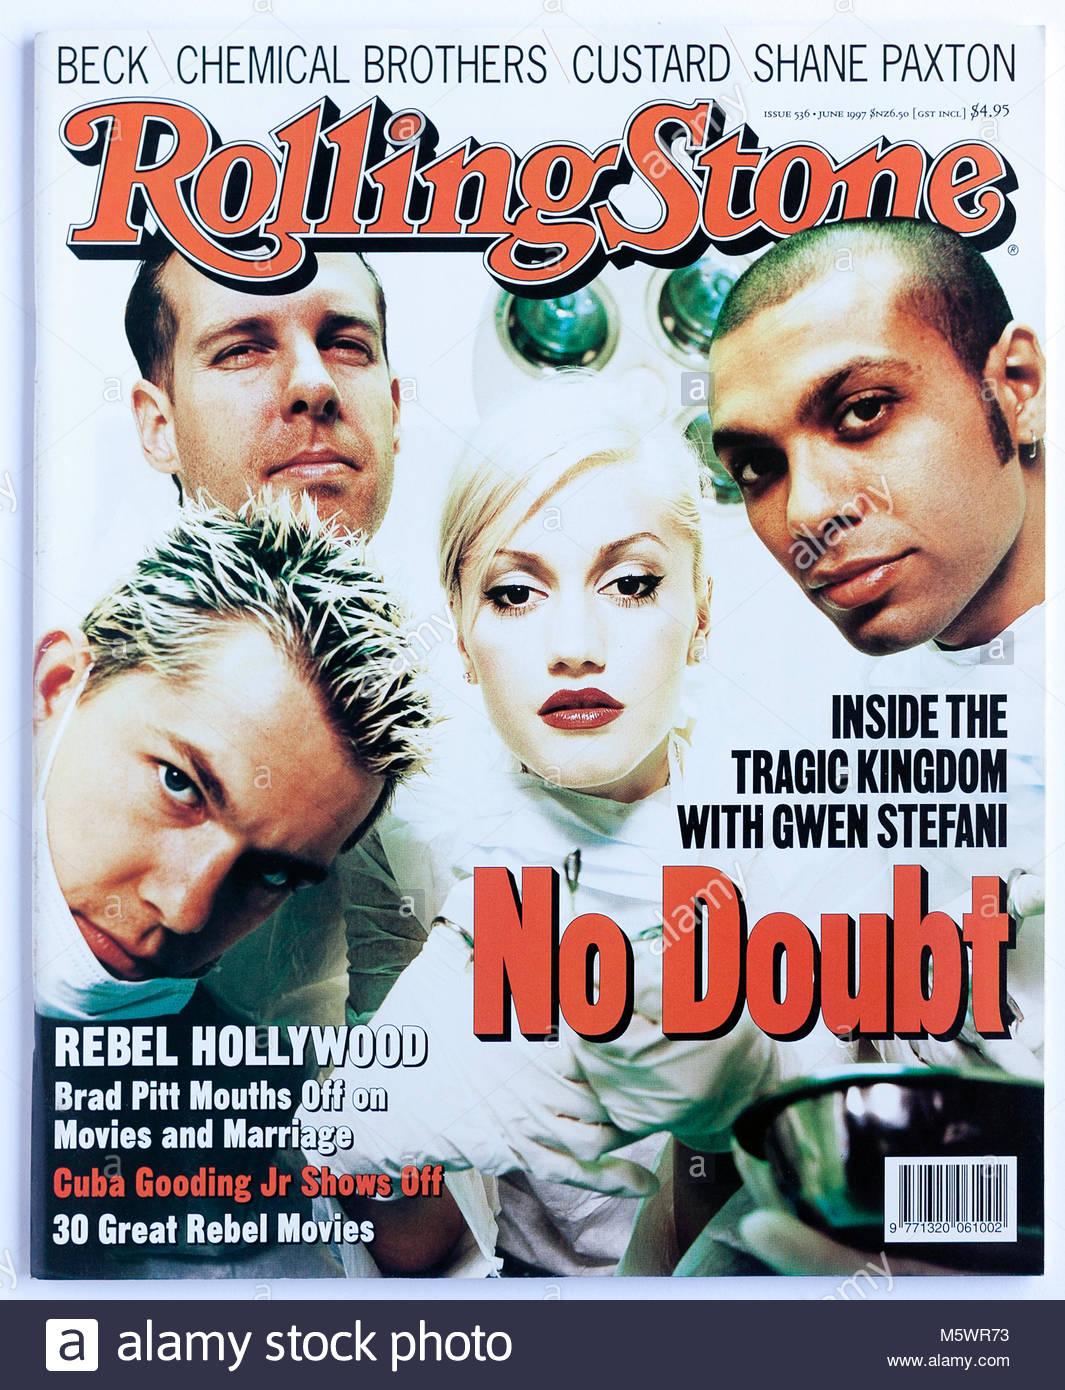 Das Cover des Rolling Stone Magazine, Ausgabe 536, kein Zweifel, Stockbild